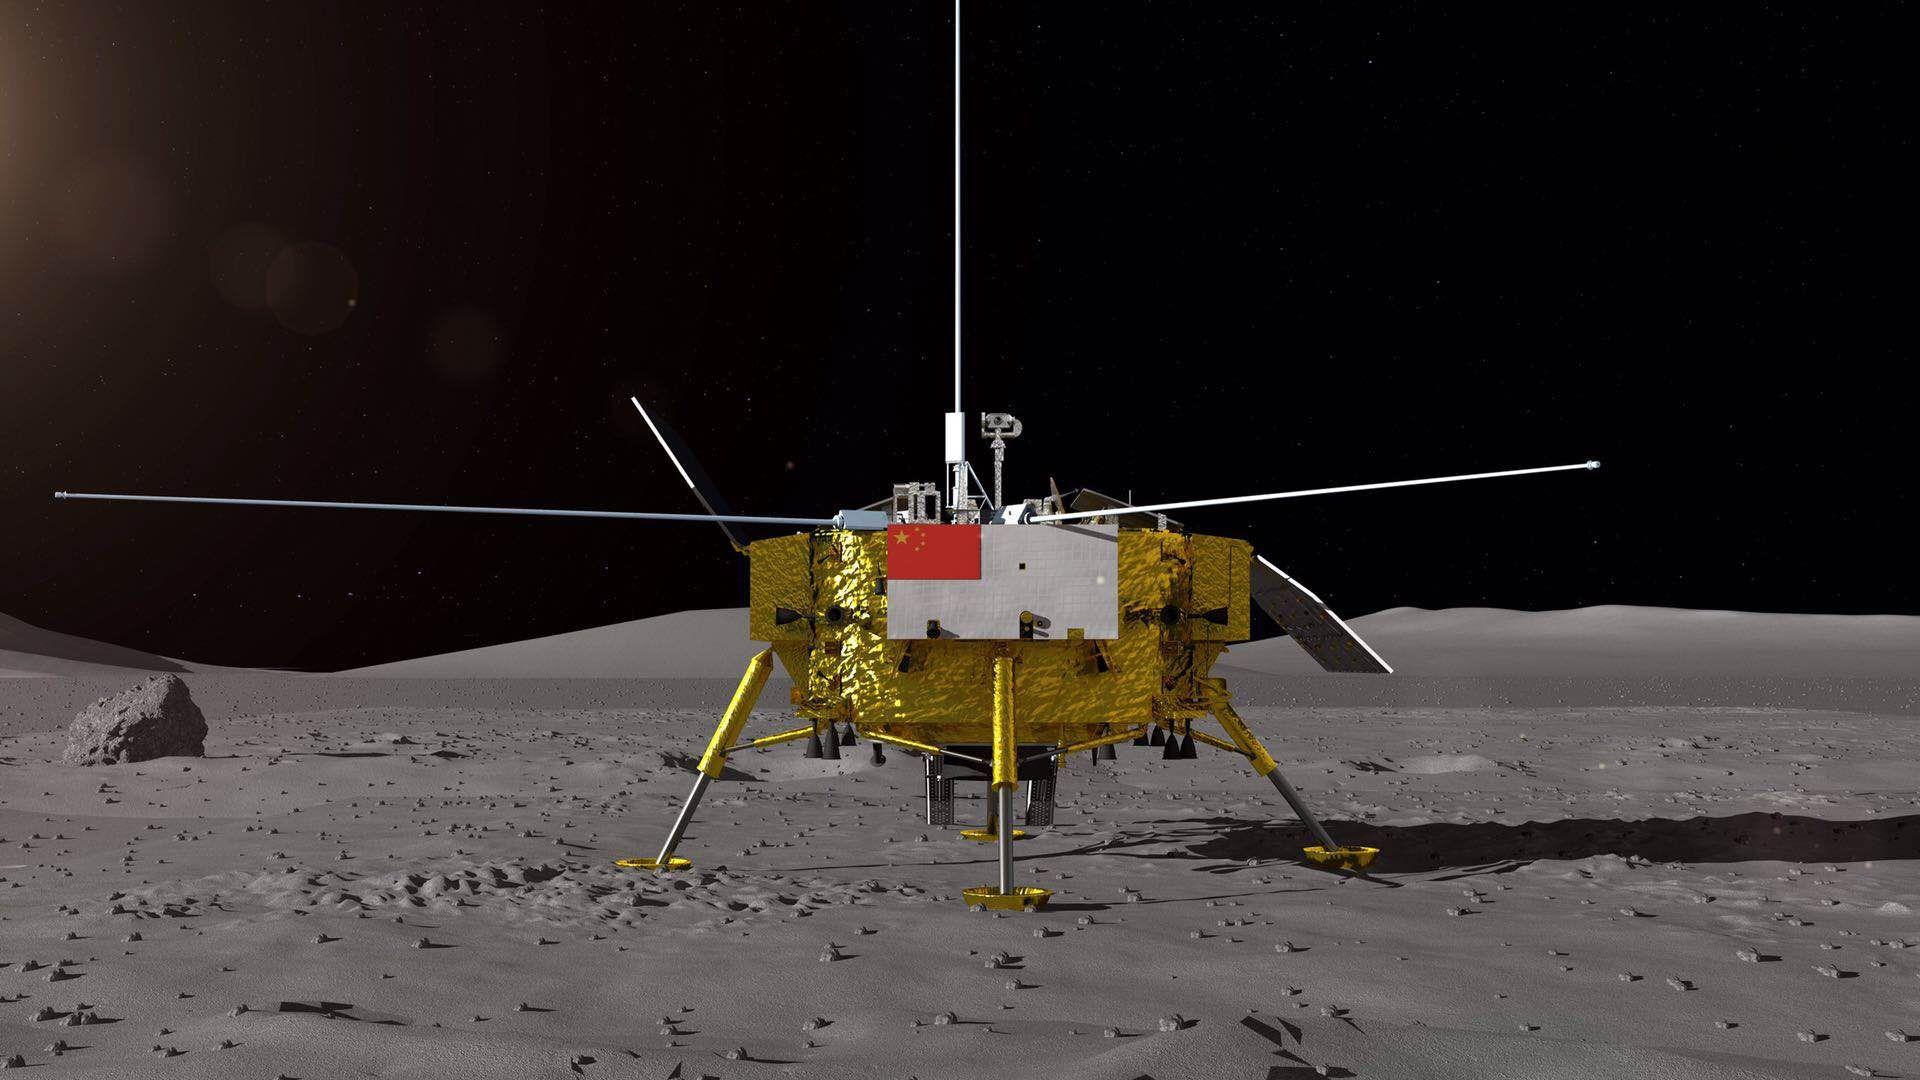 Китайский космический аппарат прислал на Землю панорамные снимки обратной стороны Луны